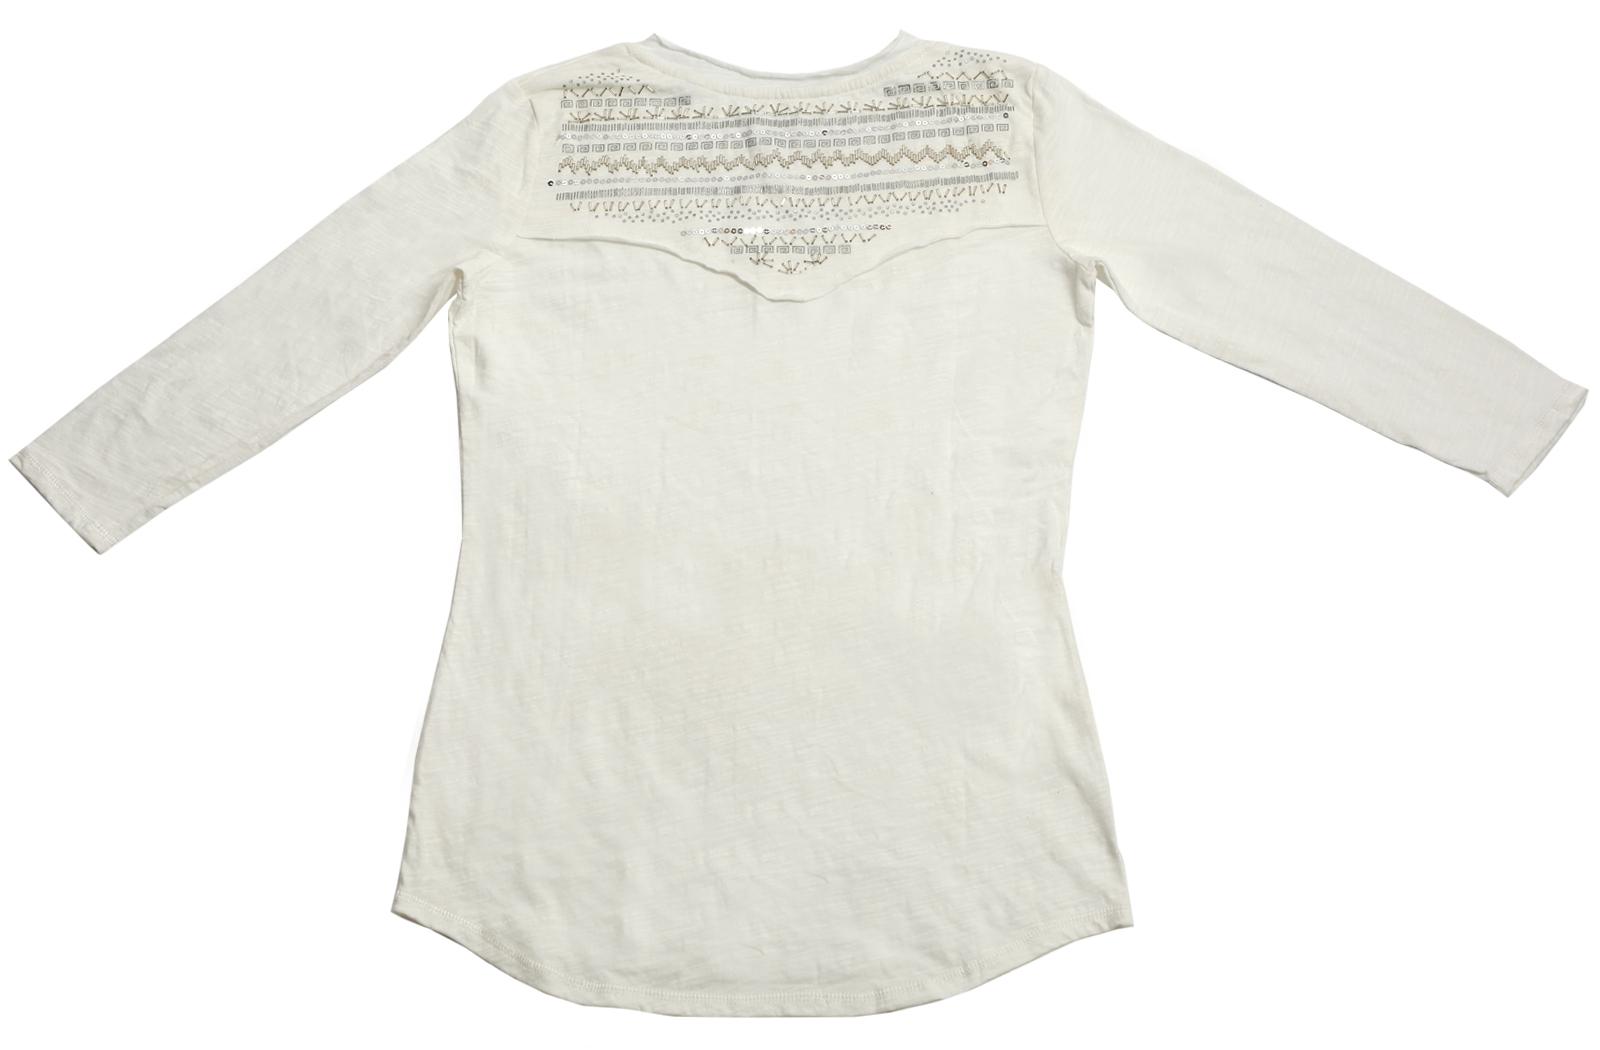 Купить белоснежную кофточку с декоративными плечами от бренда Panhandle Slim по специальной цене